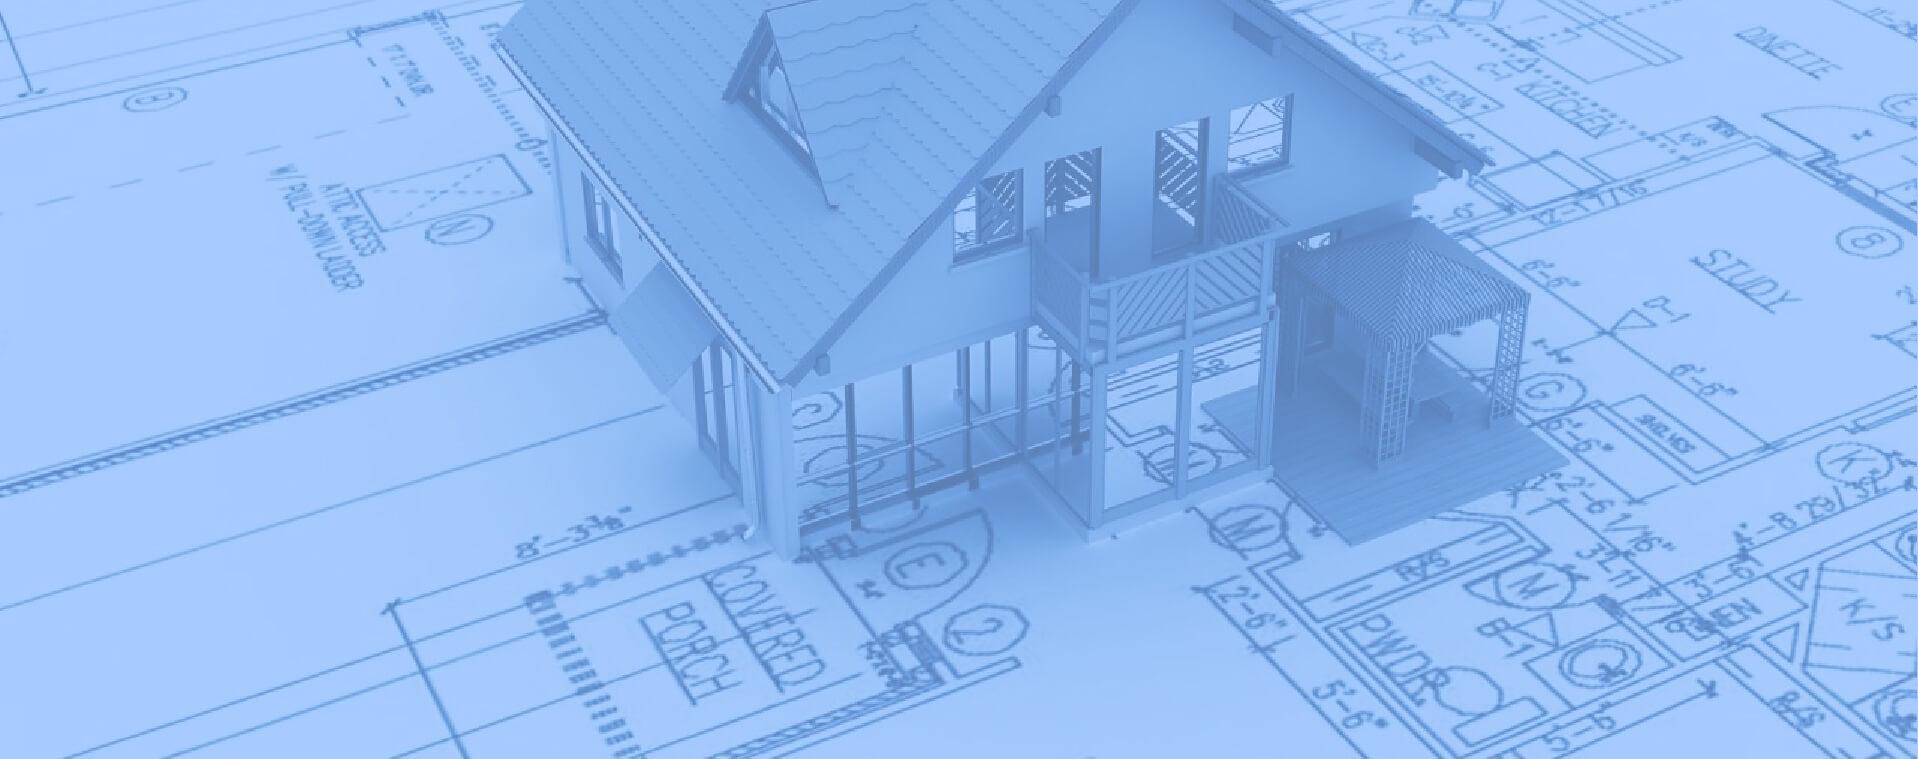 proect sliding 9 30 Проектирование индивидуальных жилых домов